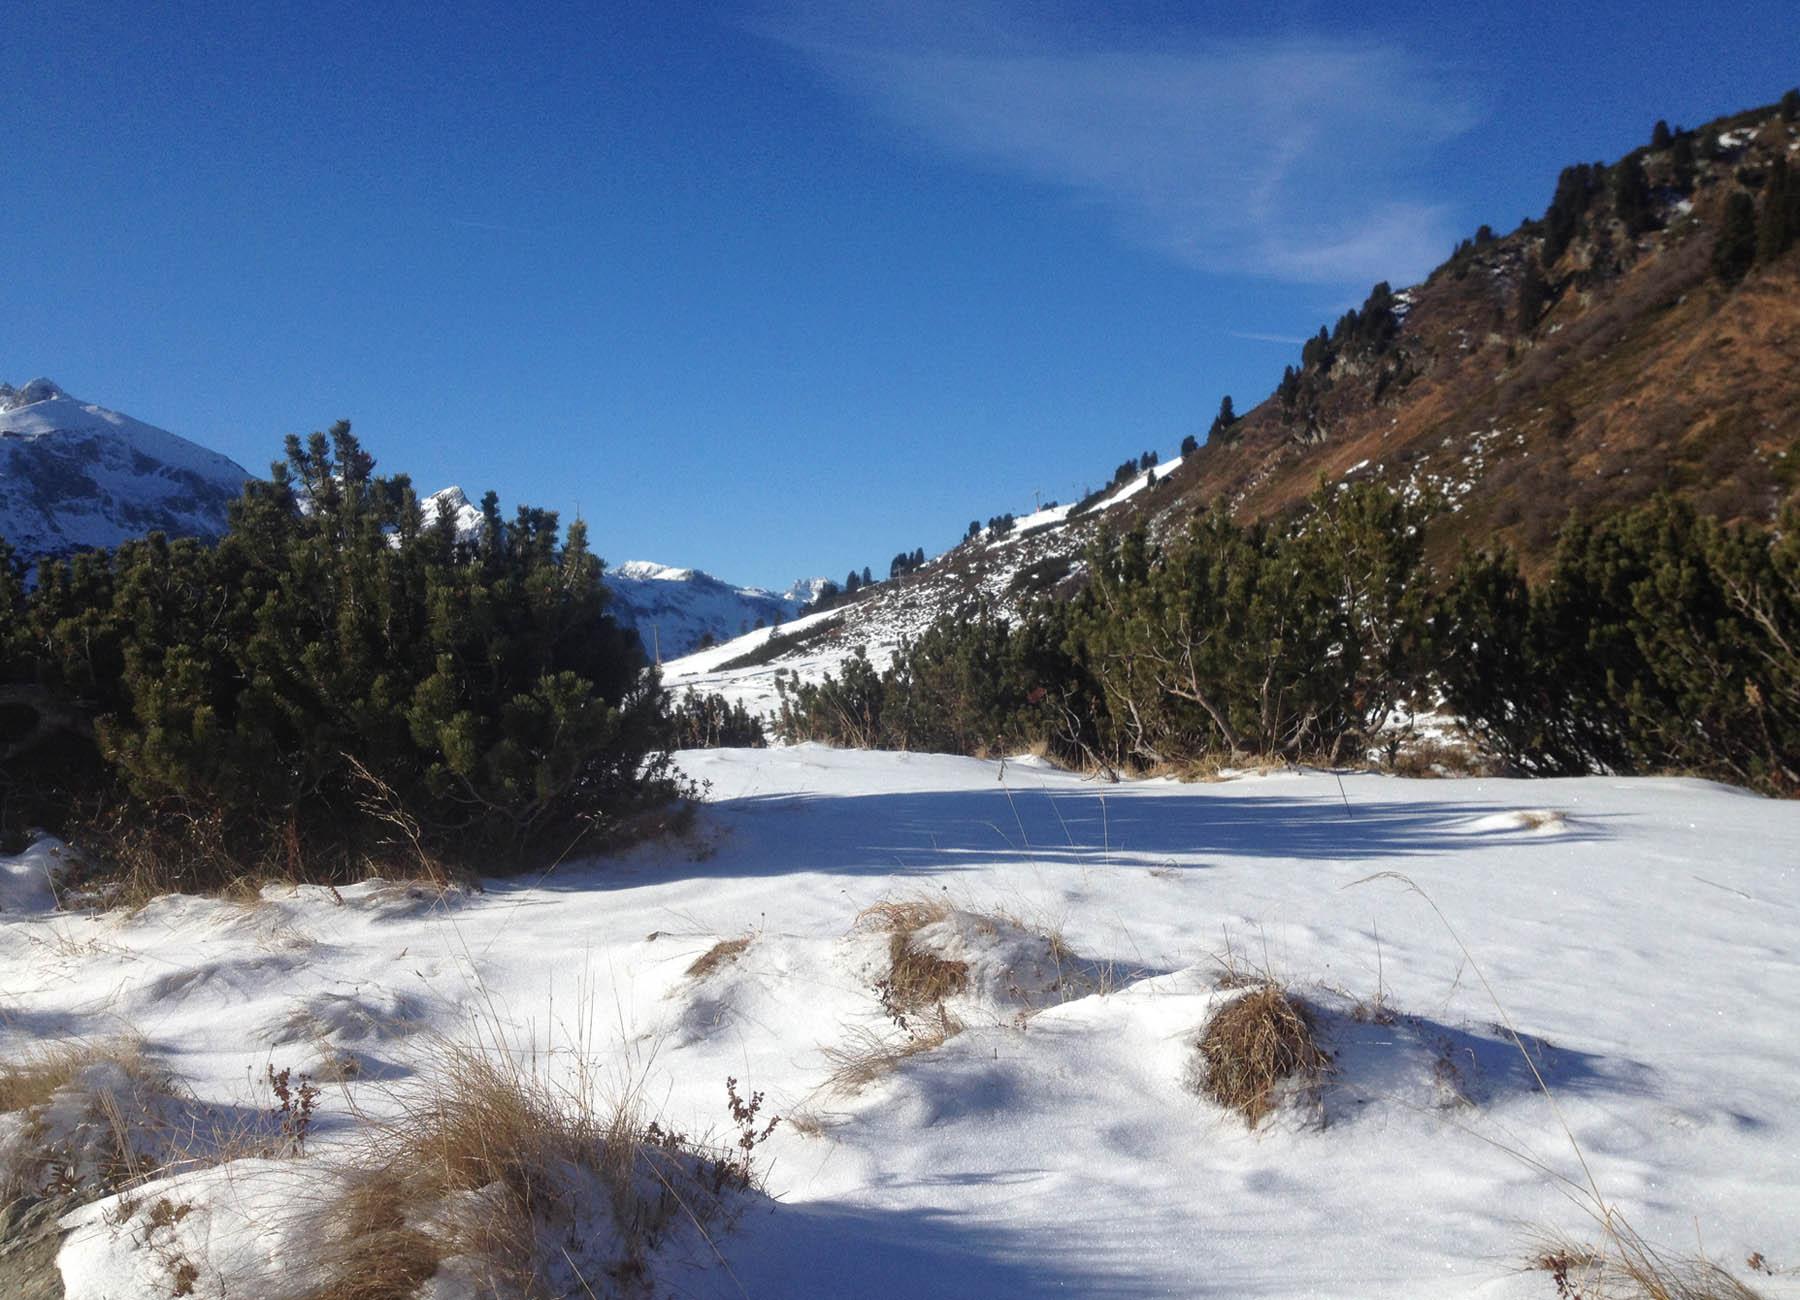 Novembertag am Tauern - Latschen und Schnee ...